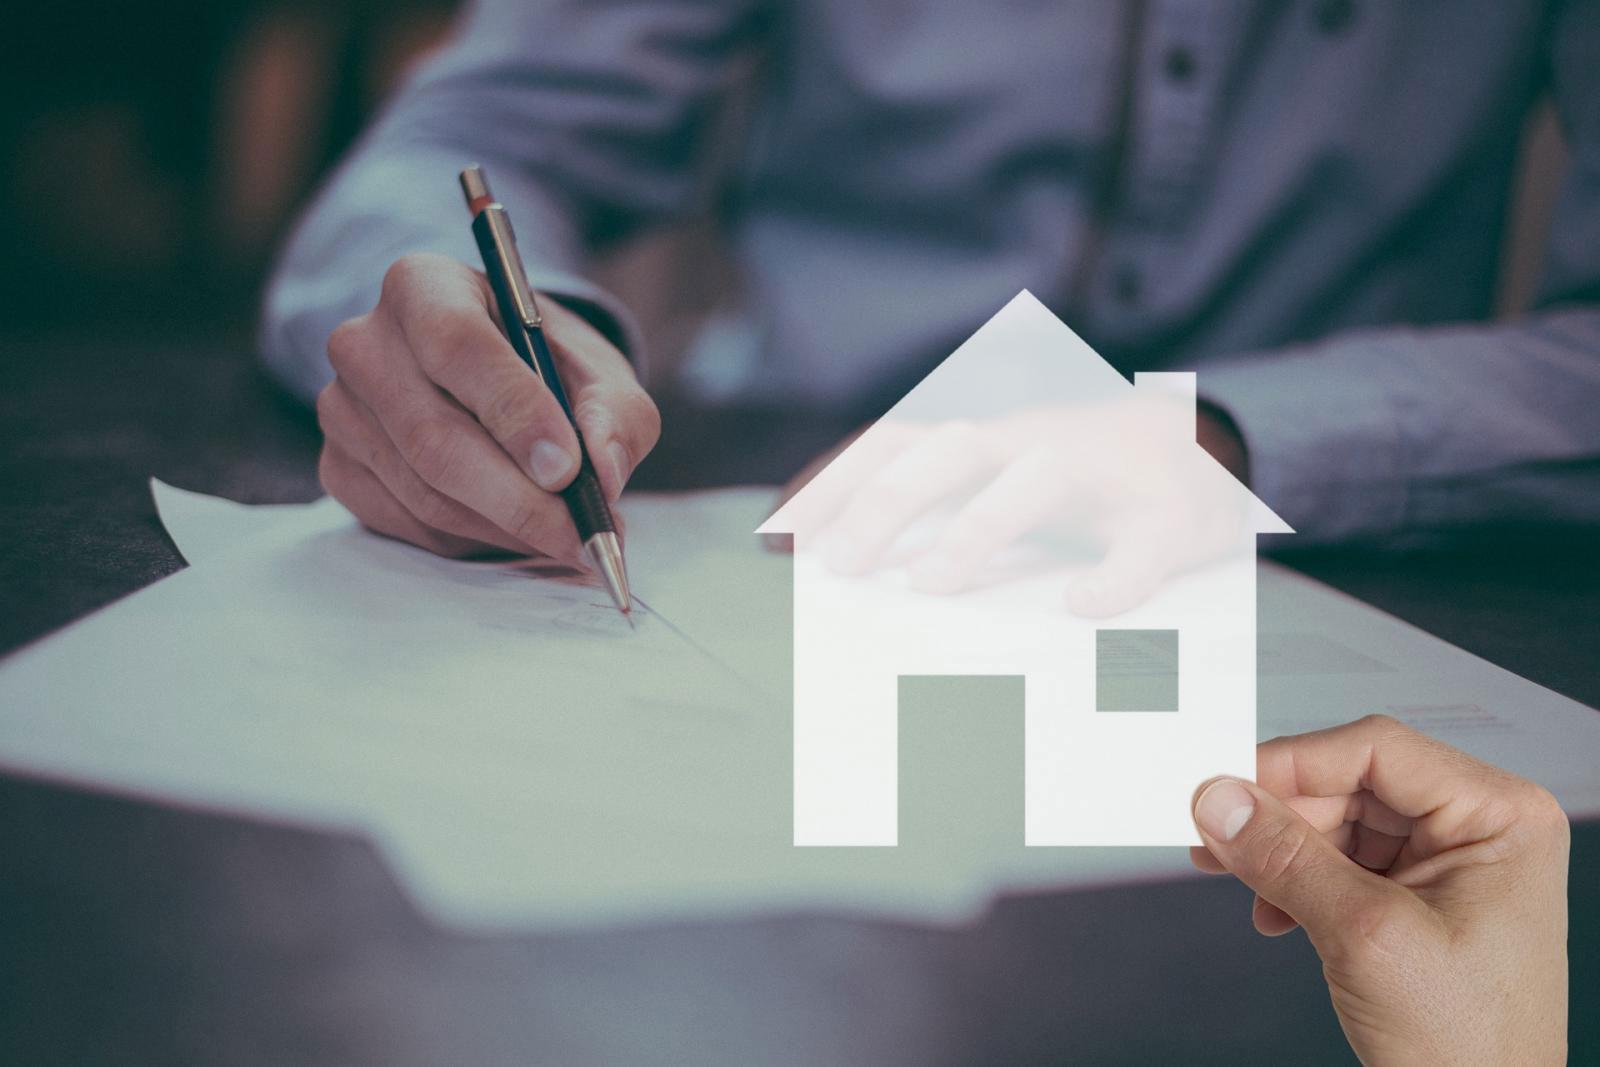 Tất cả các hợp đồng vay thế chấp mua nhà đều cần trải qua các bước thẩm định kỹ càng